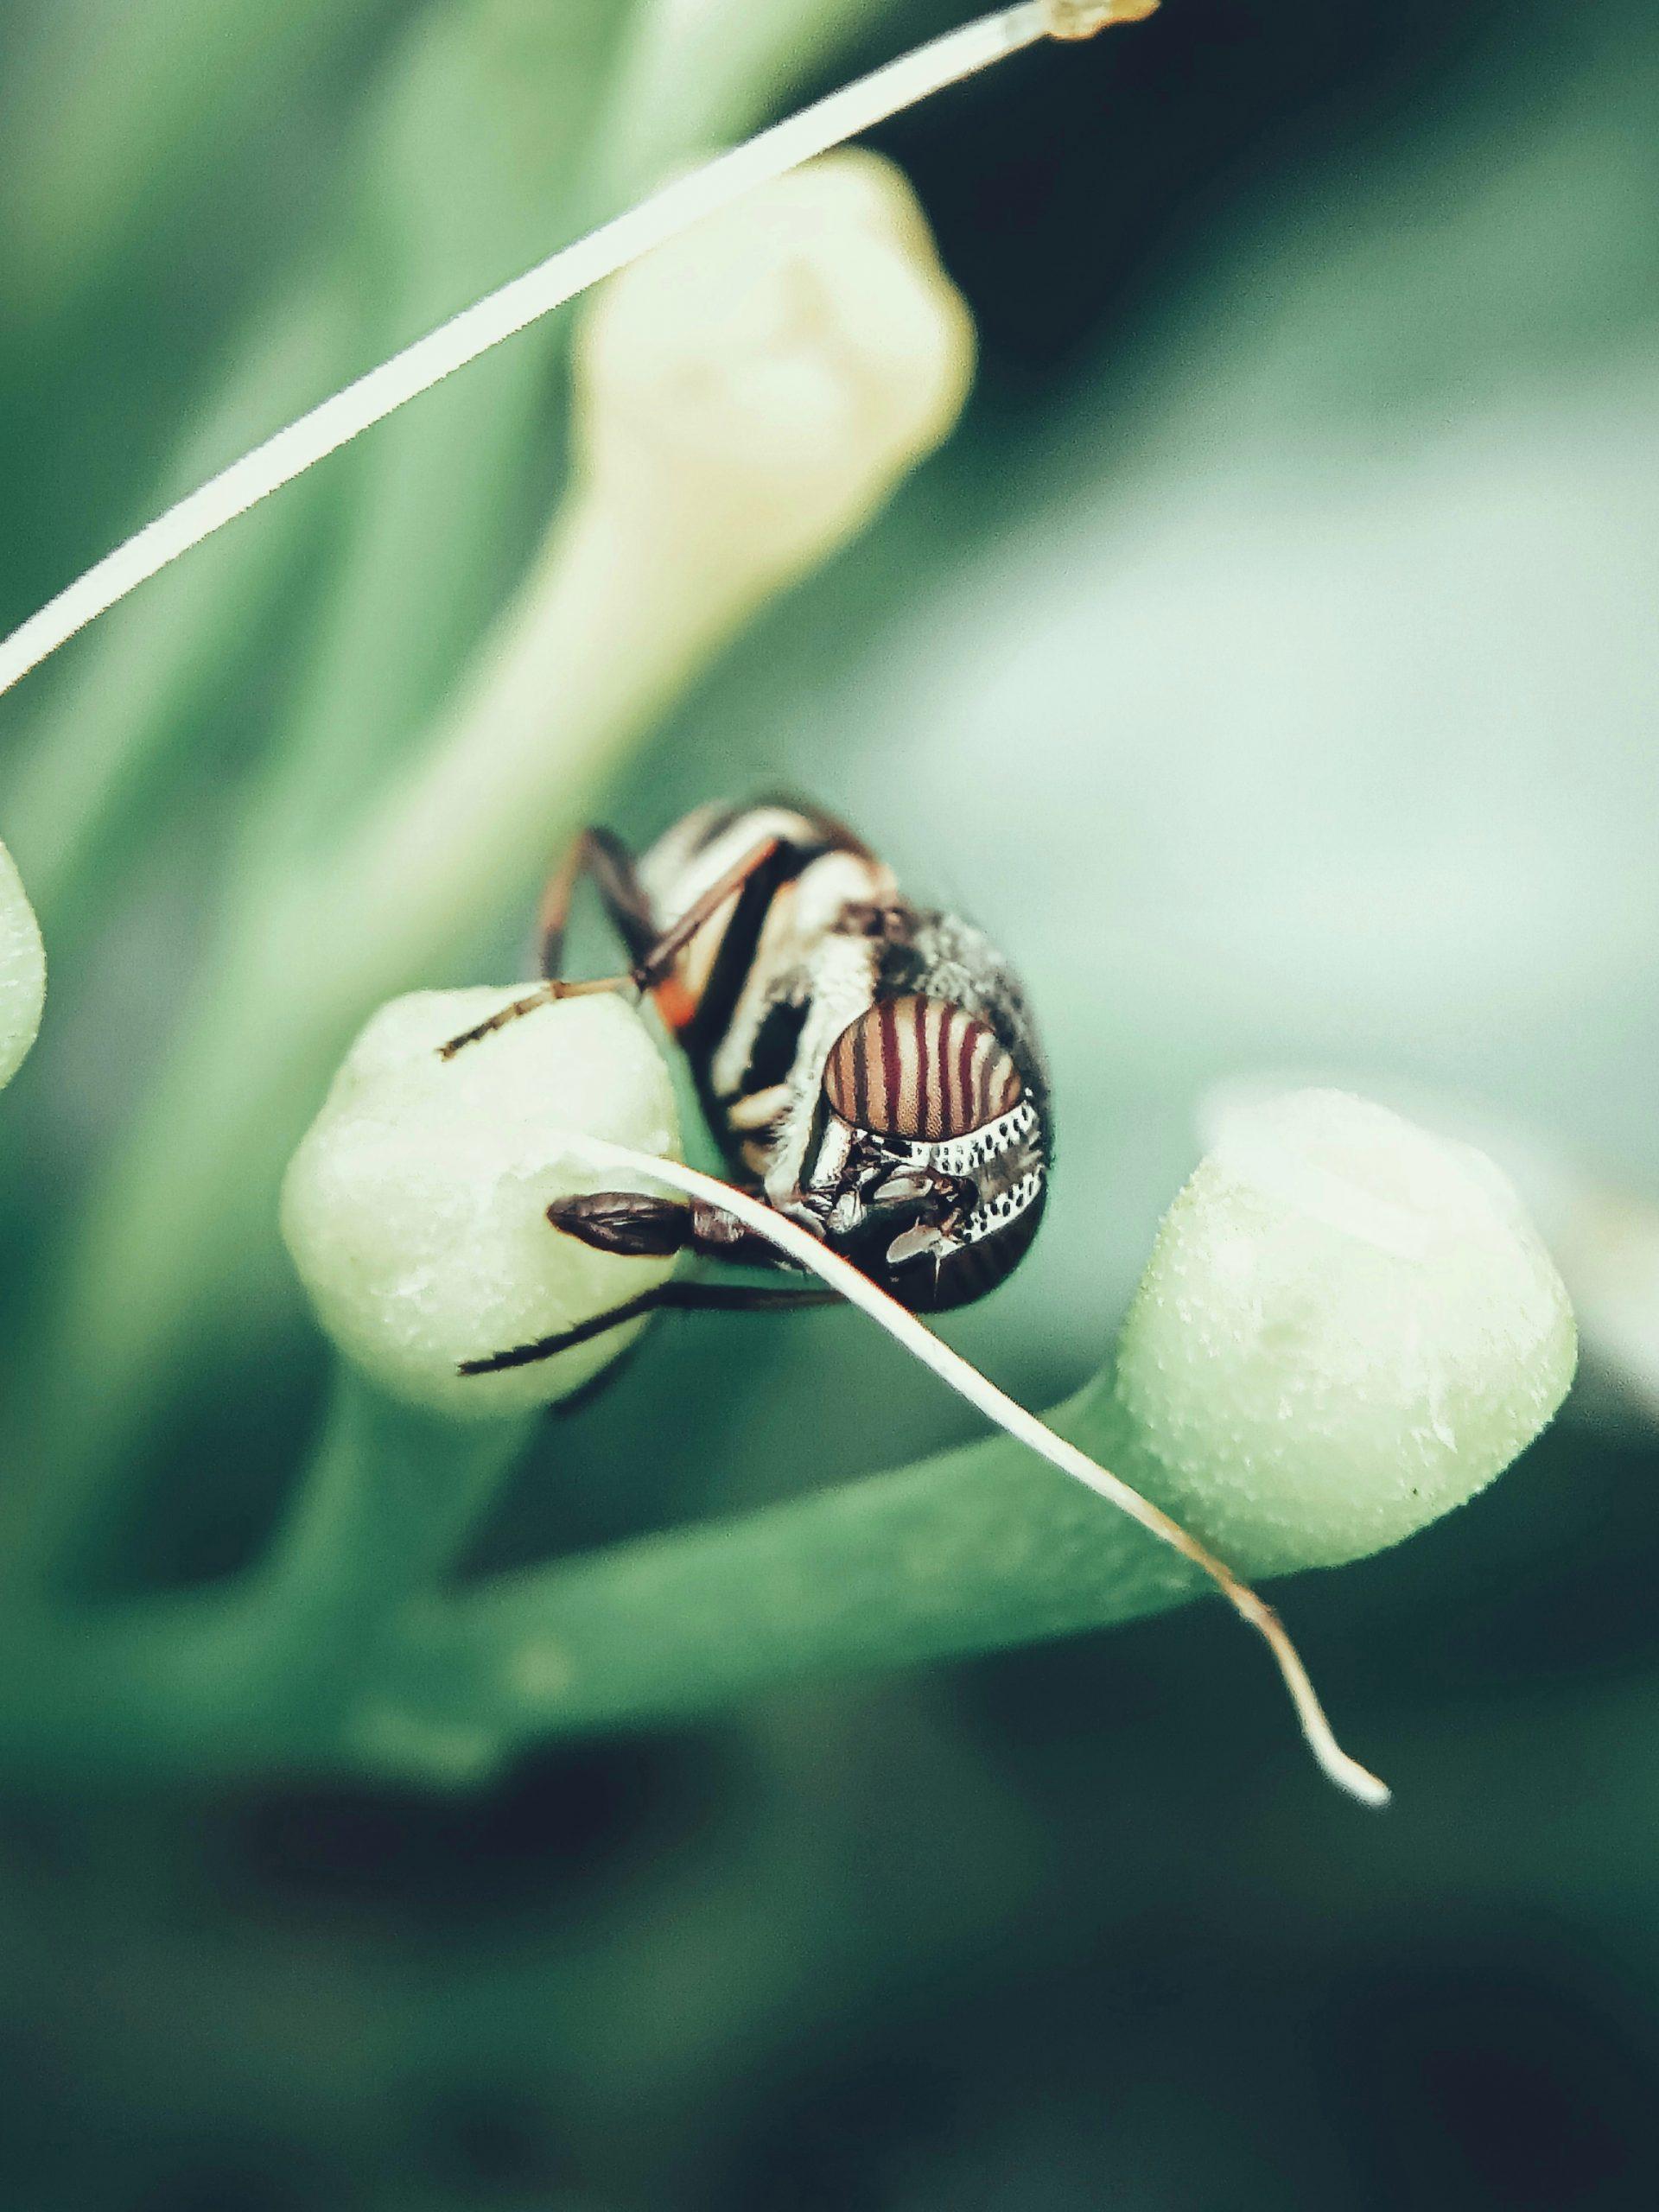 Fly closeup shot